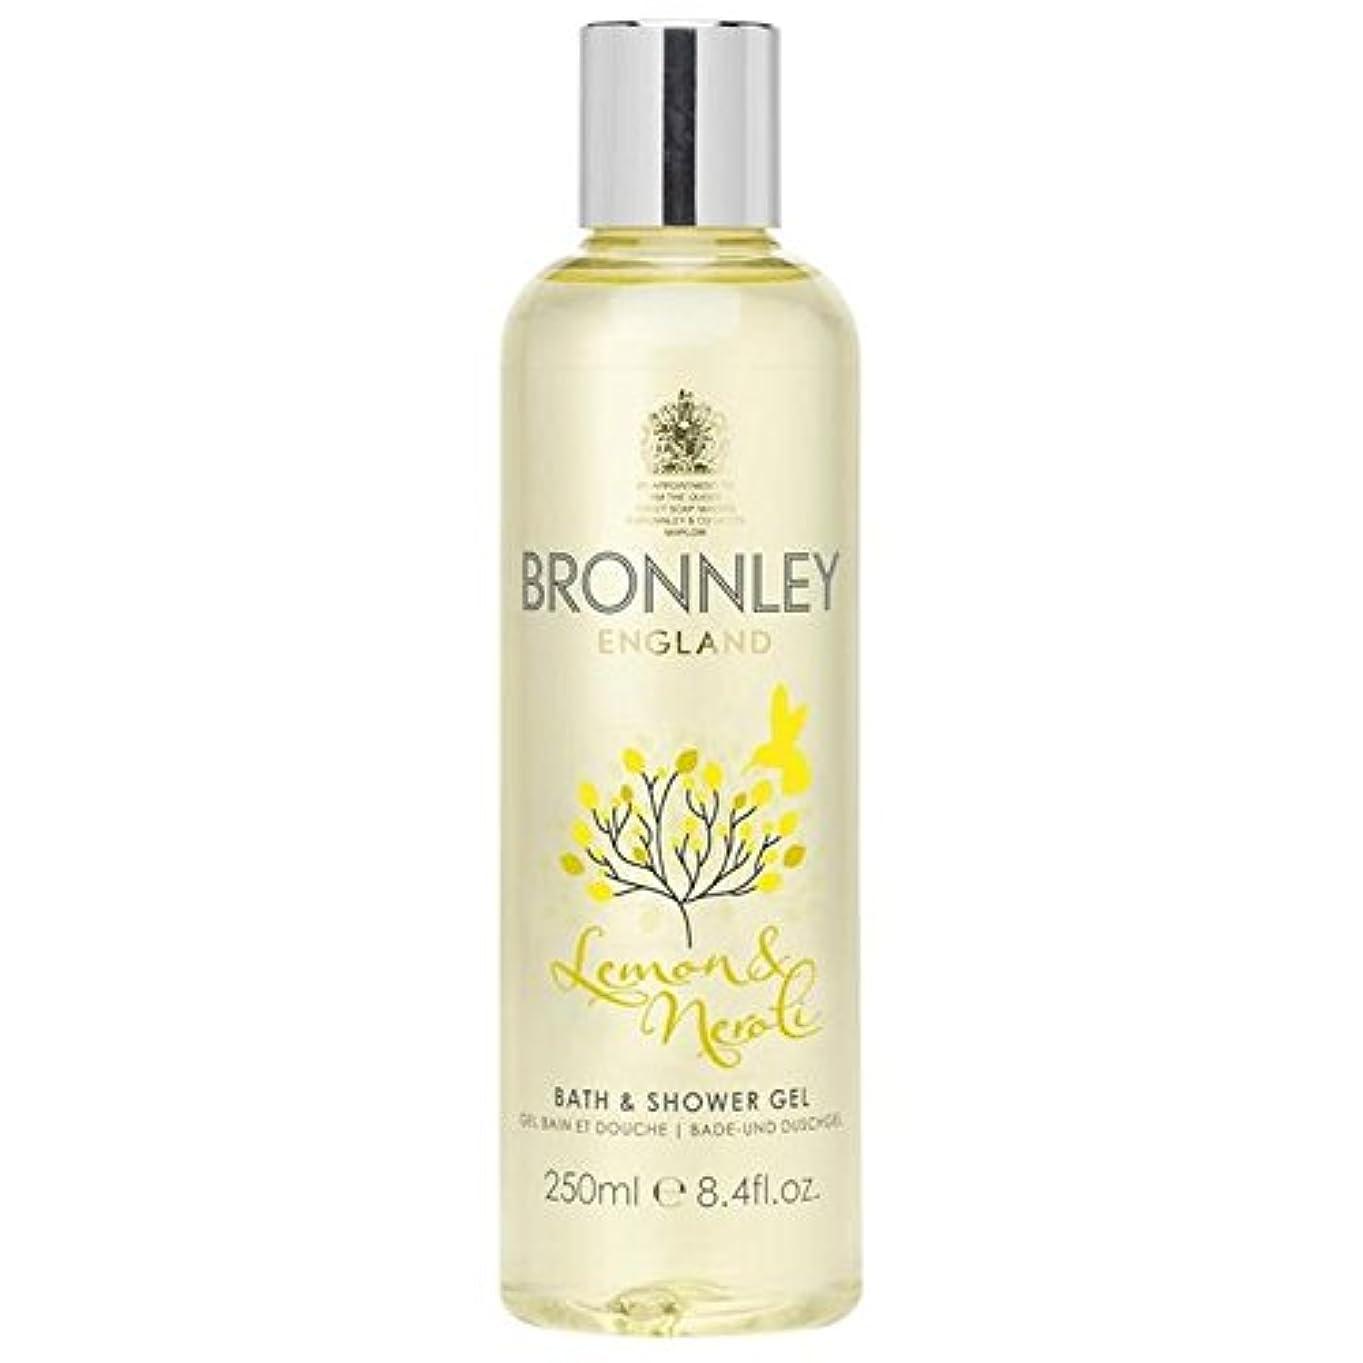 レモン&ネロリバス&シャワージェル250ミリリットル x4 - Bronnley Lemon & Neroli Bath & Shower Gel 250ml (Pack of 4) [並行輸入品]